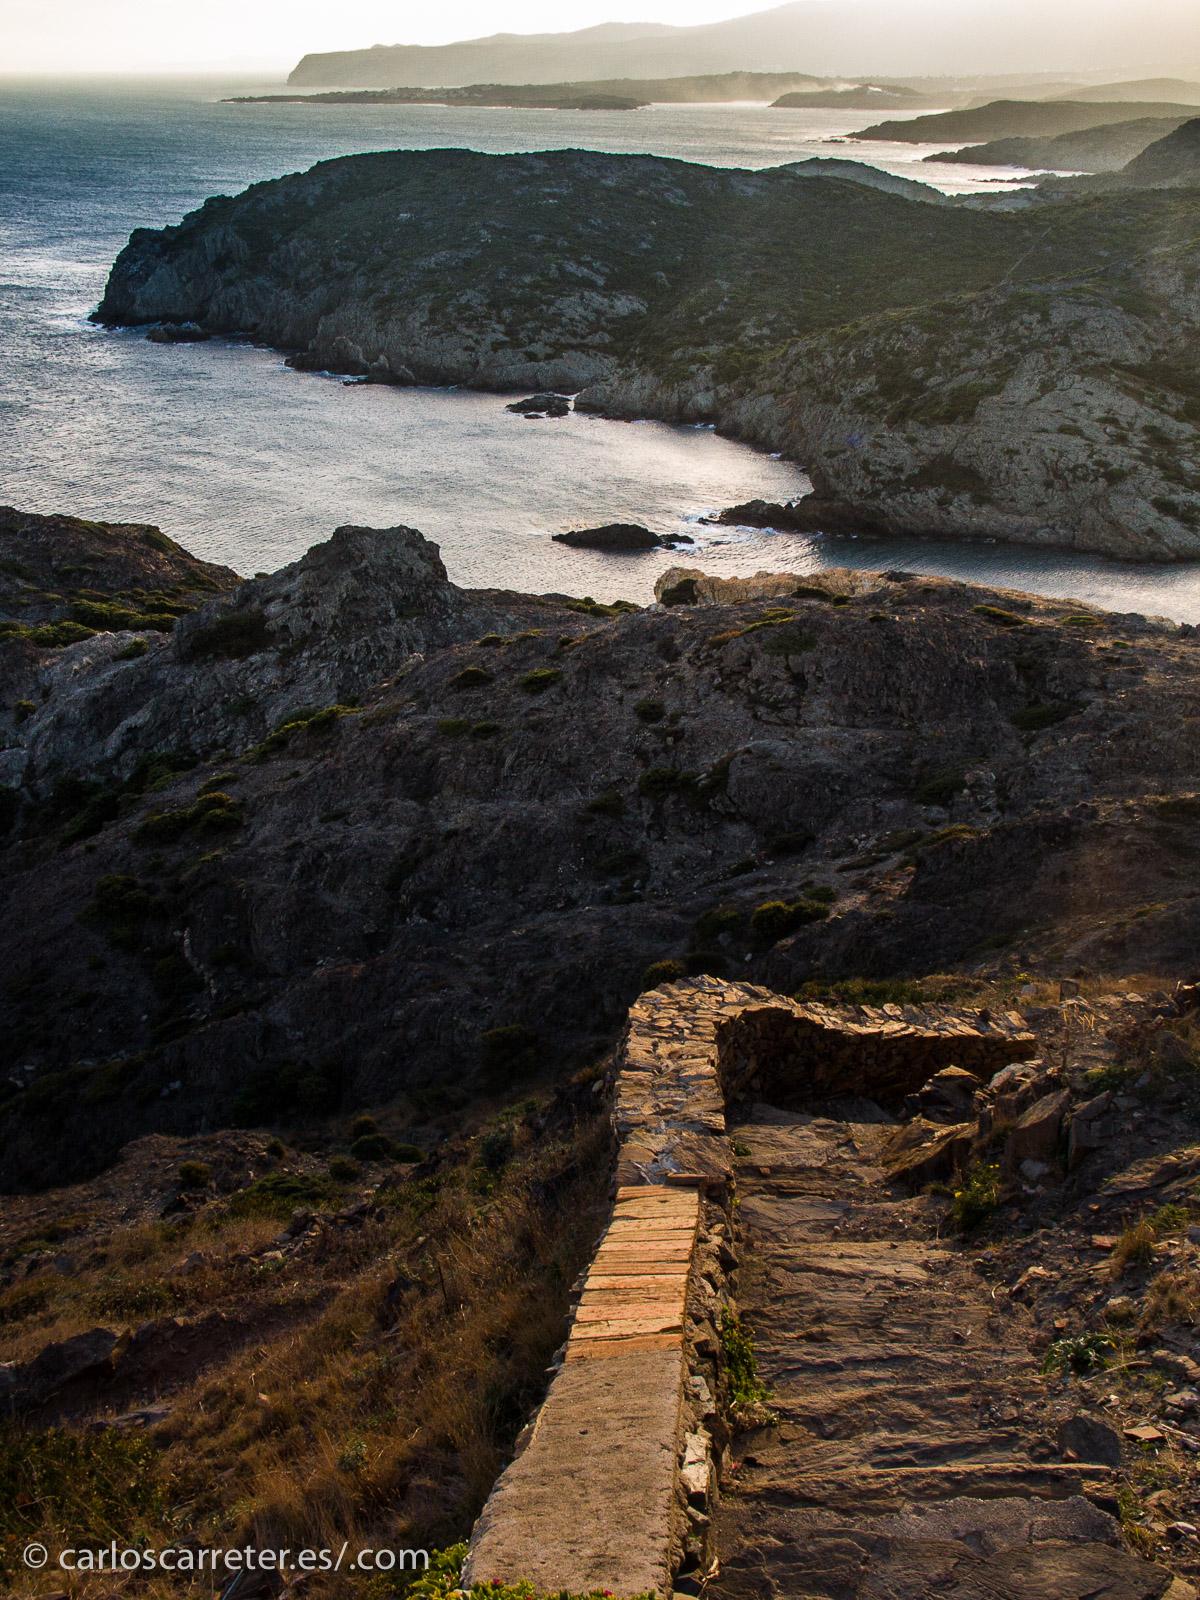 Pero con la luz y la calidez del Mediterráneo, en uno de los lugares donde todavía se conserva el paisaje.